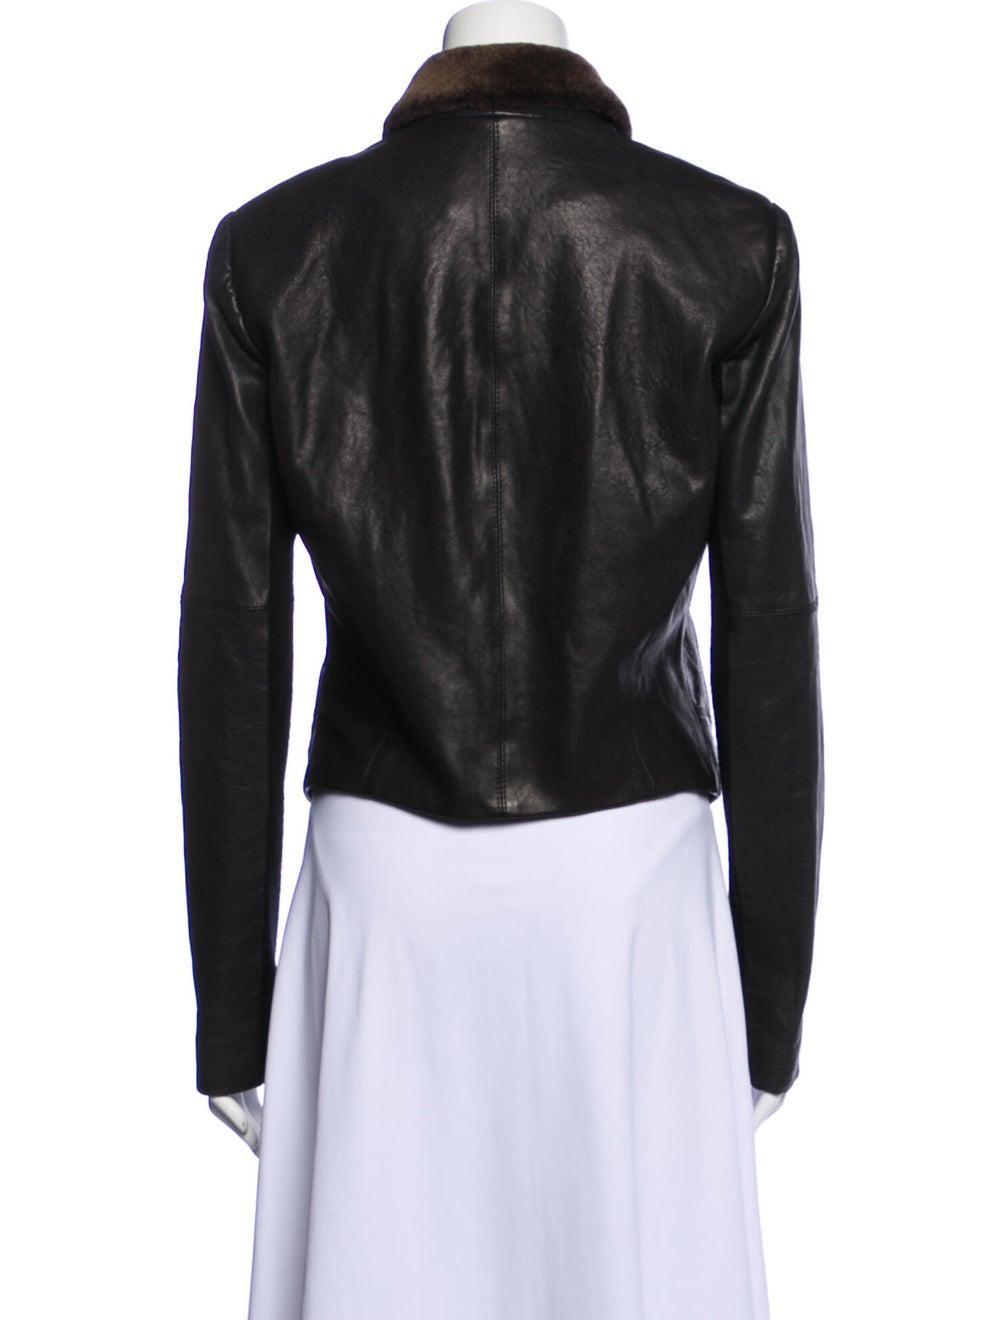 Veda Leather Biker Jacket Black - image 3